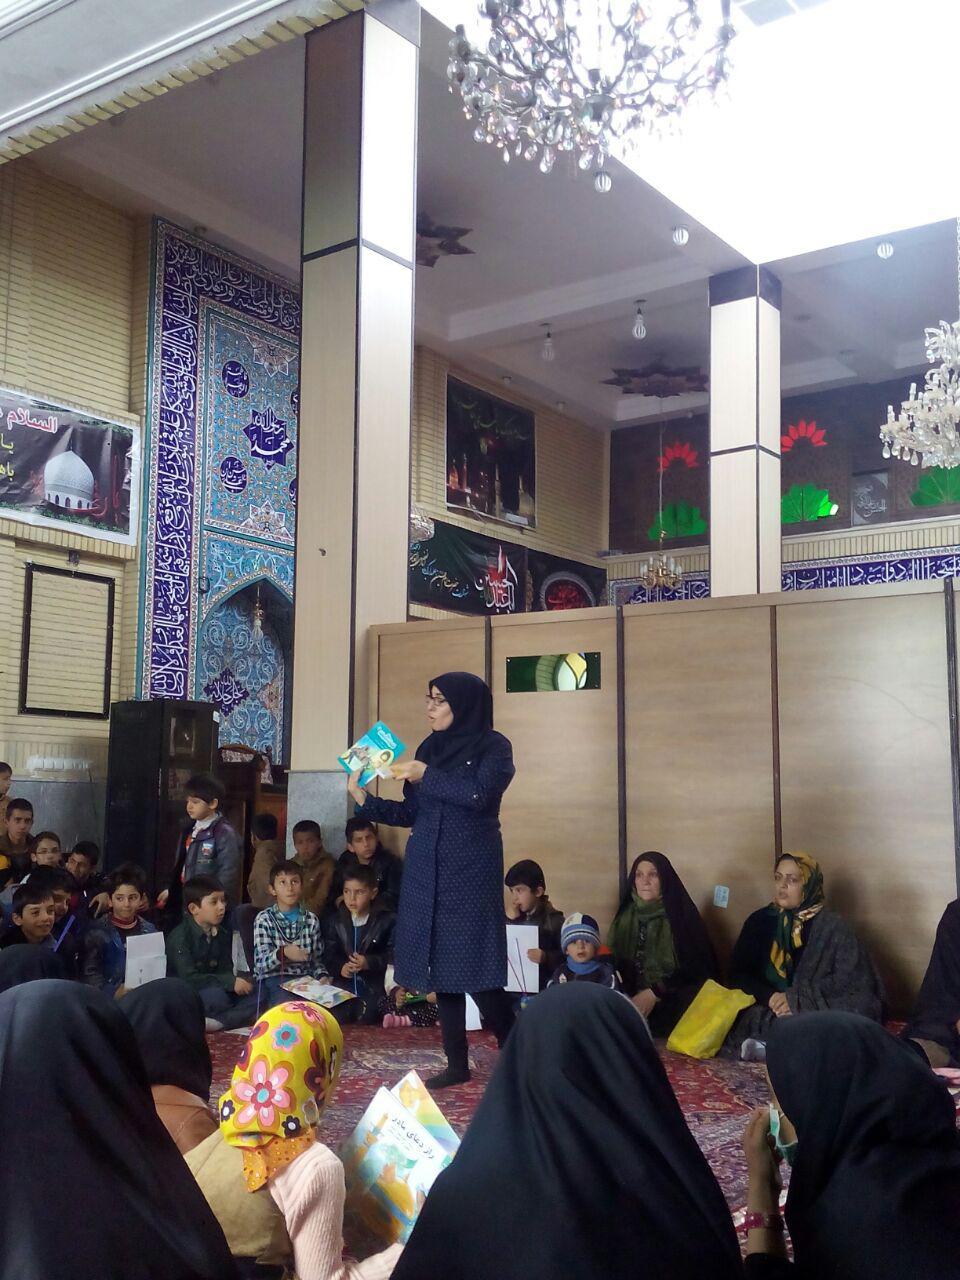 قصه گویی در کتابخانه های عمومی شهرستان خدابنده